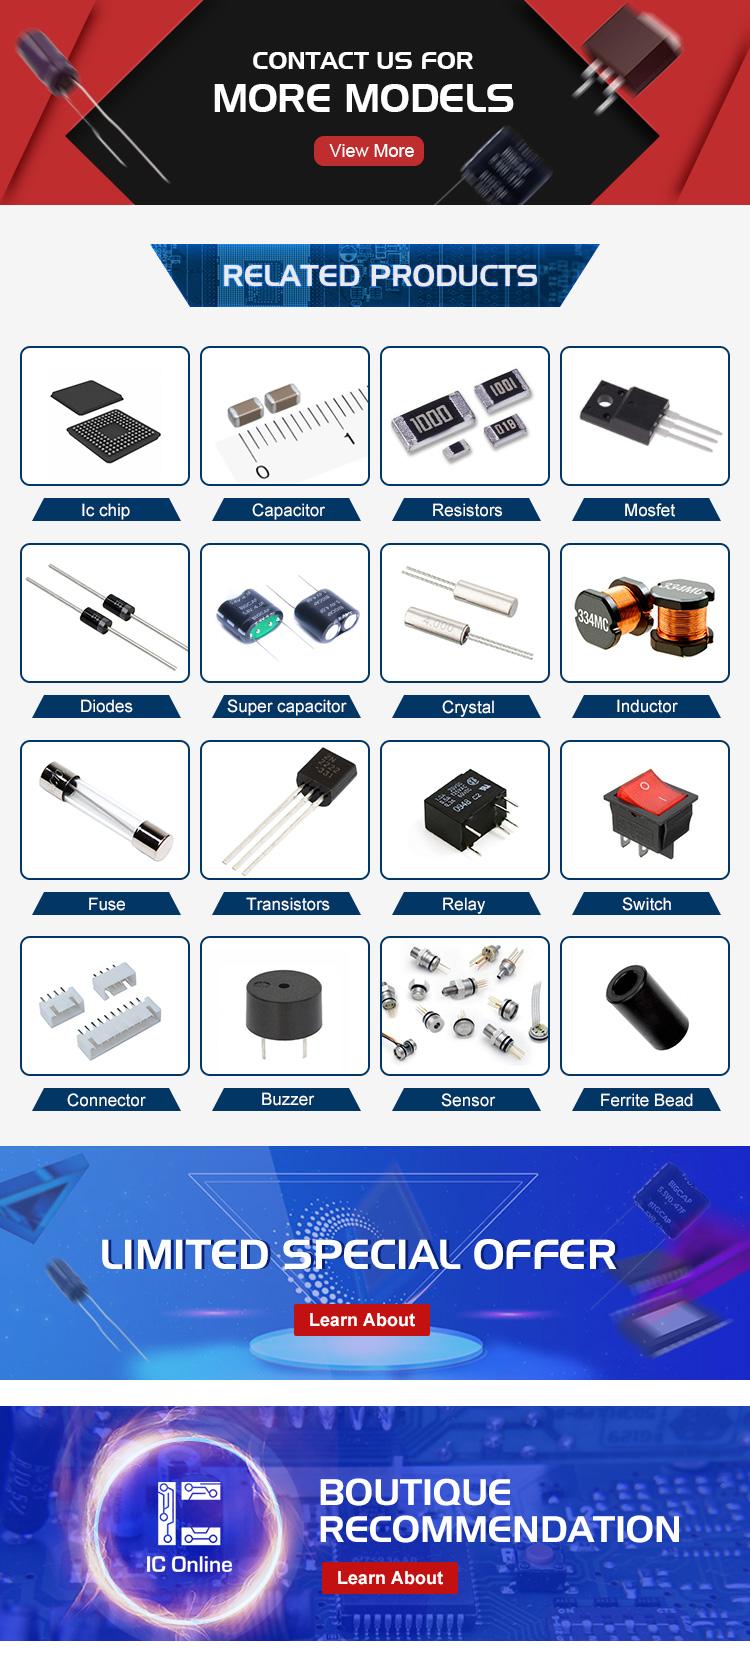 माइक्रोप्रोसेसर वोल्टेज नियामक आईसी 5 उत्पादन 32-QFN (5x5) MXL7704-XQB-T